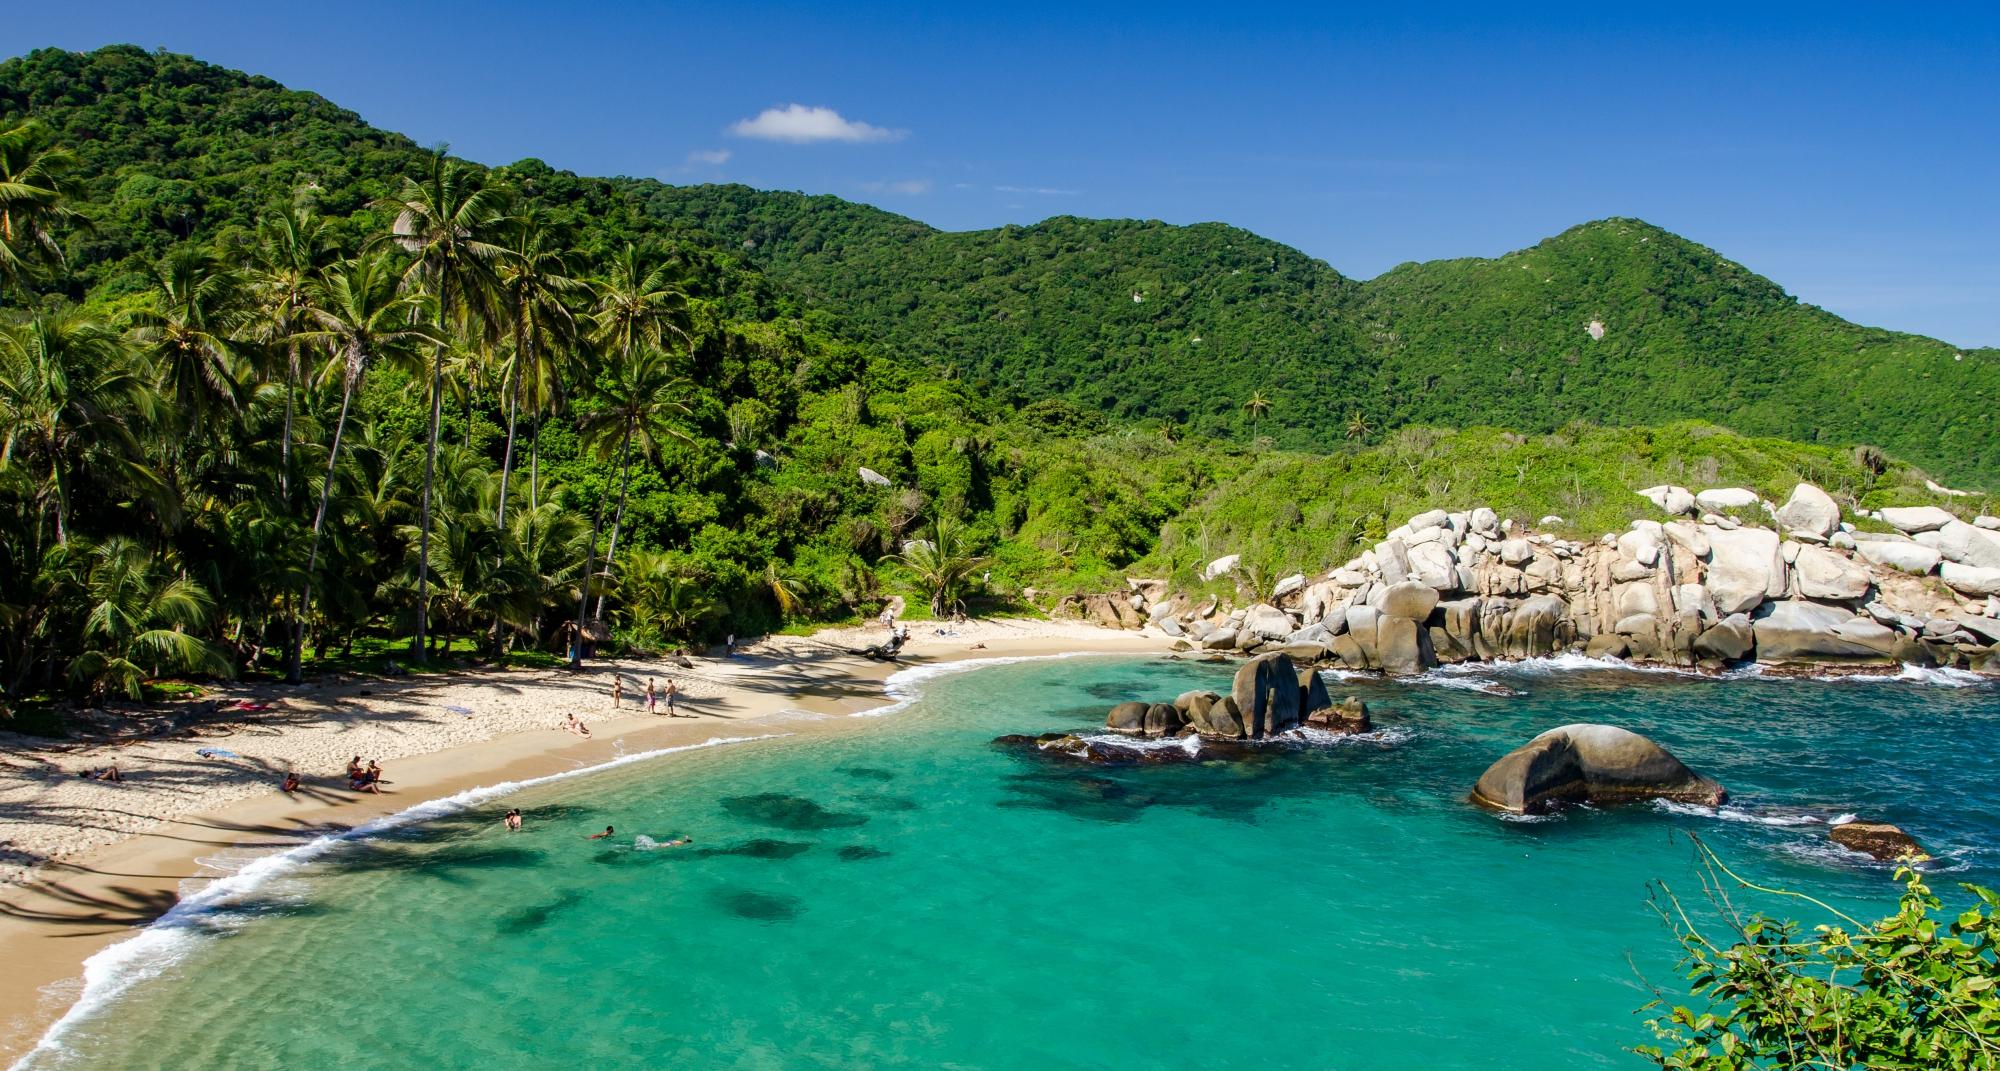 Wycieczka do Kolumbii – rajskie wyspy i plaże